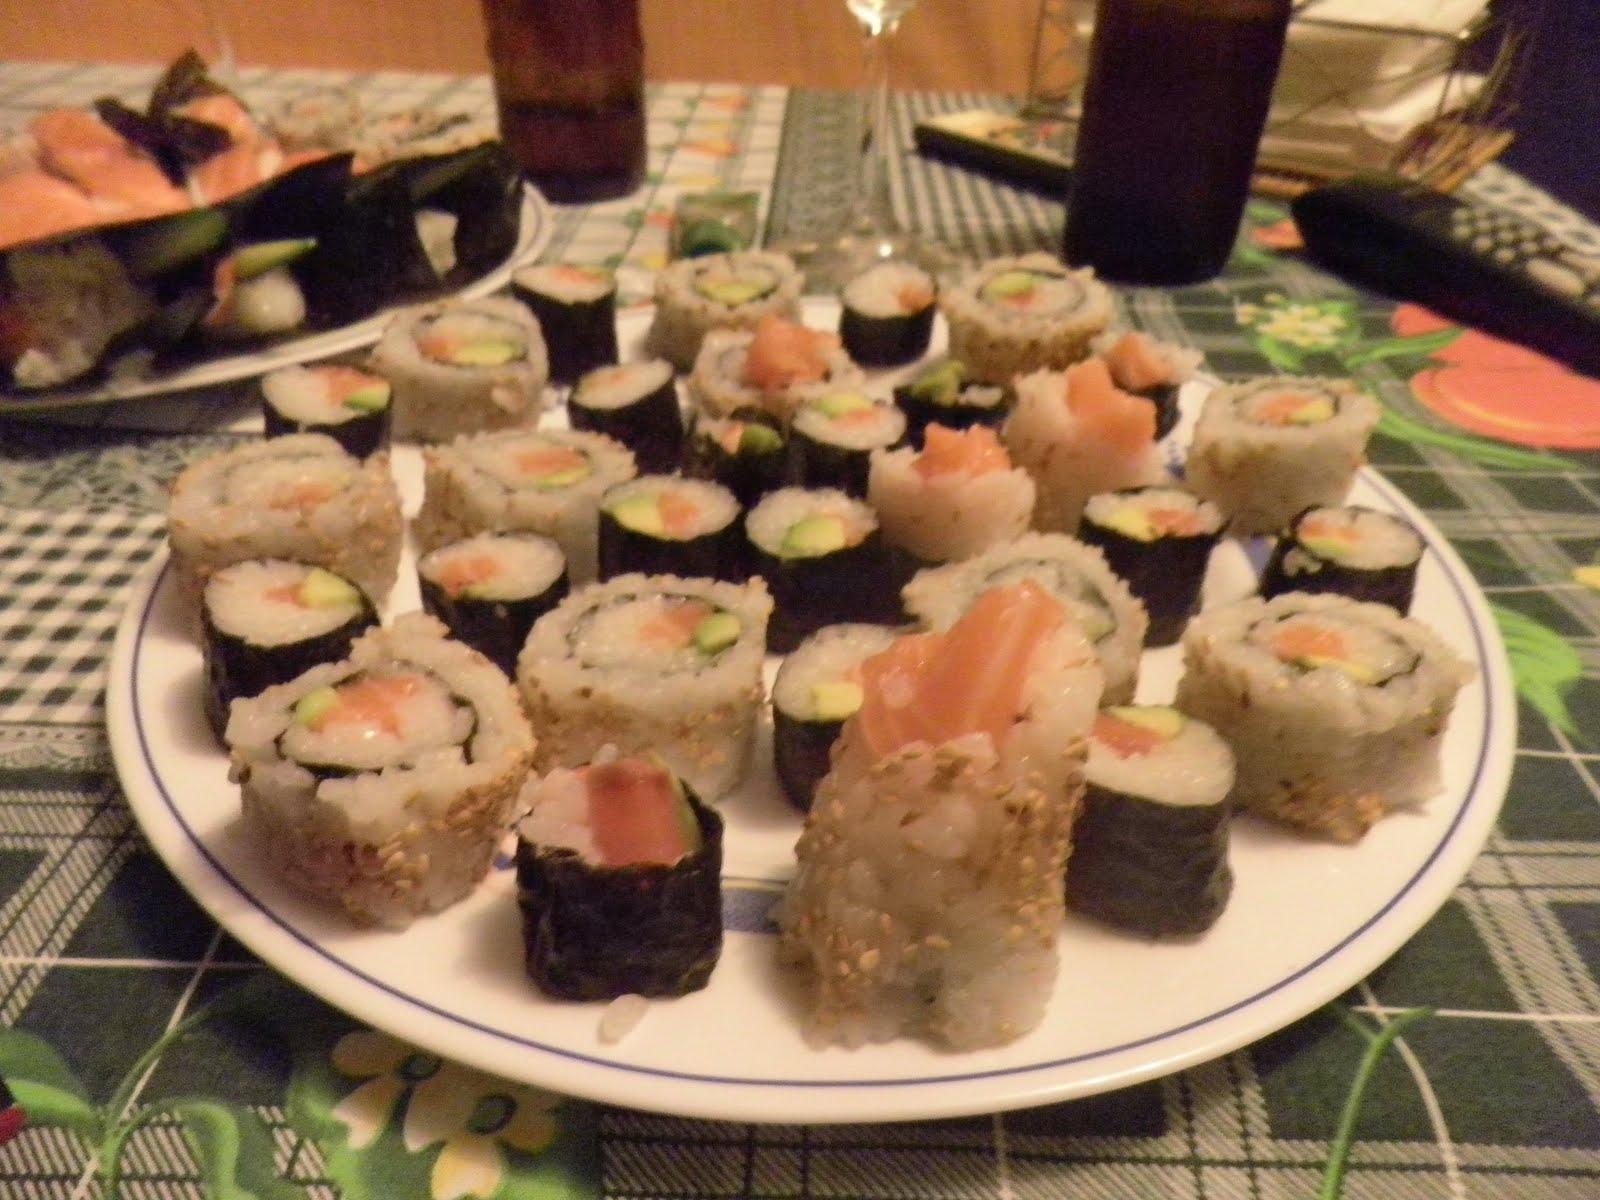 me desestresa cocinar sushi en casa